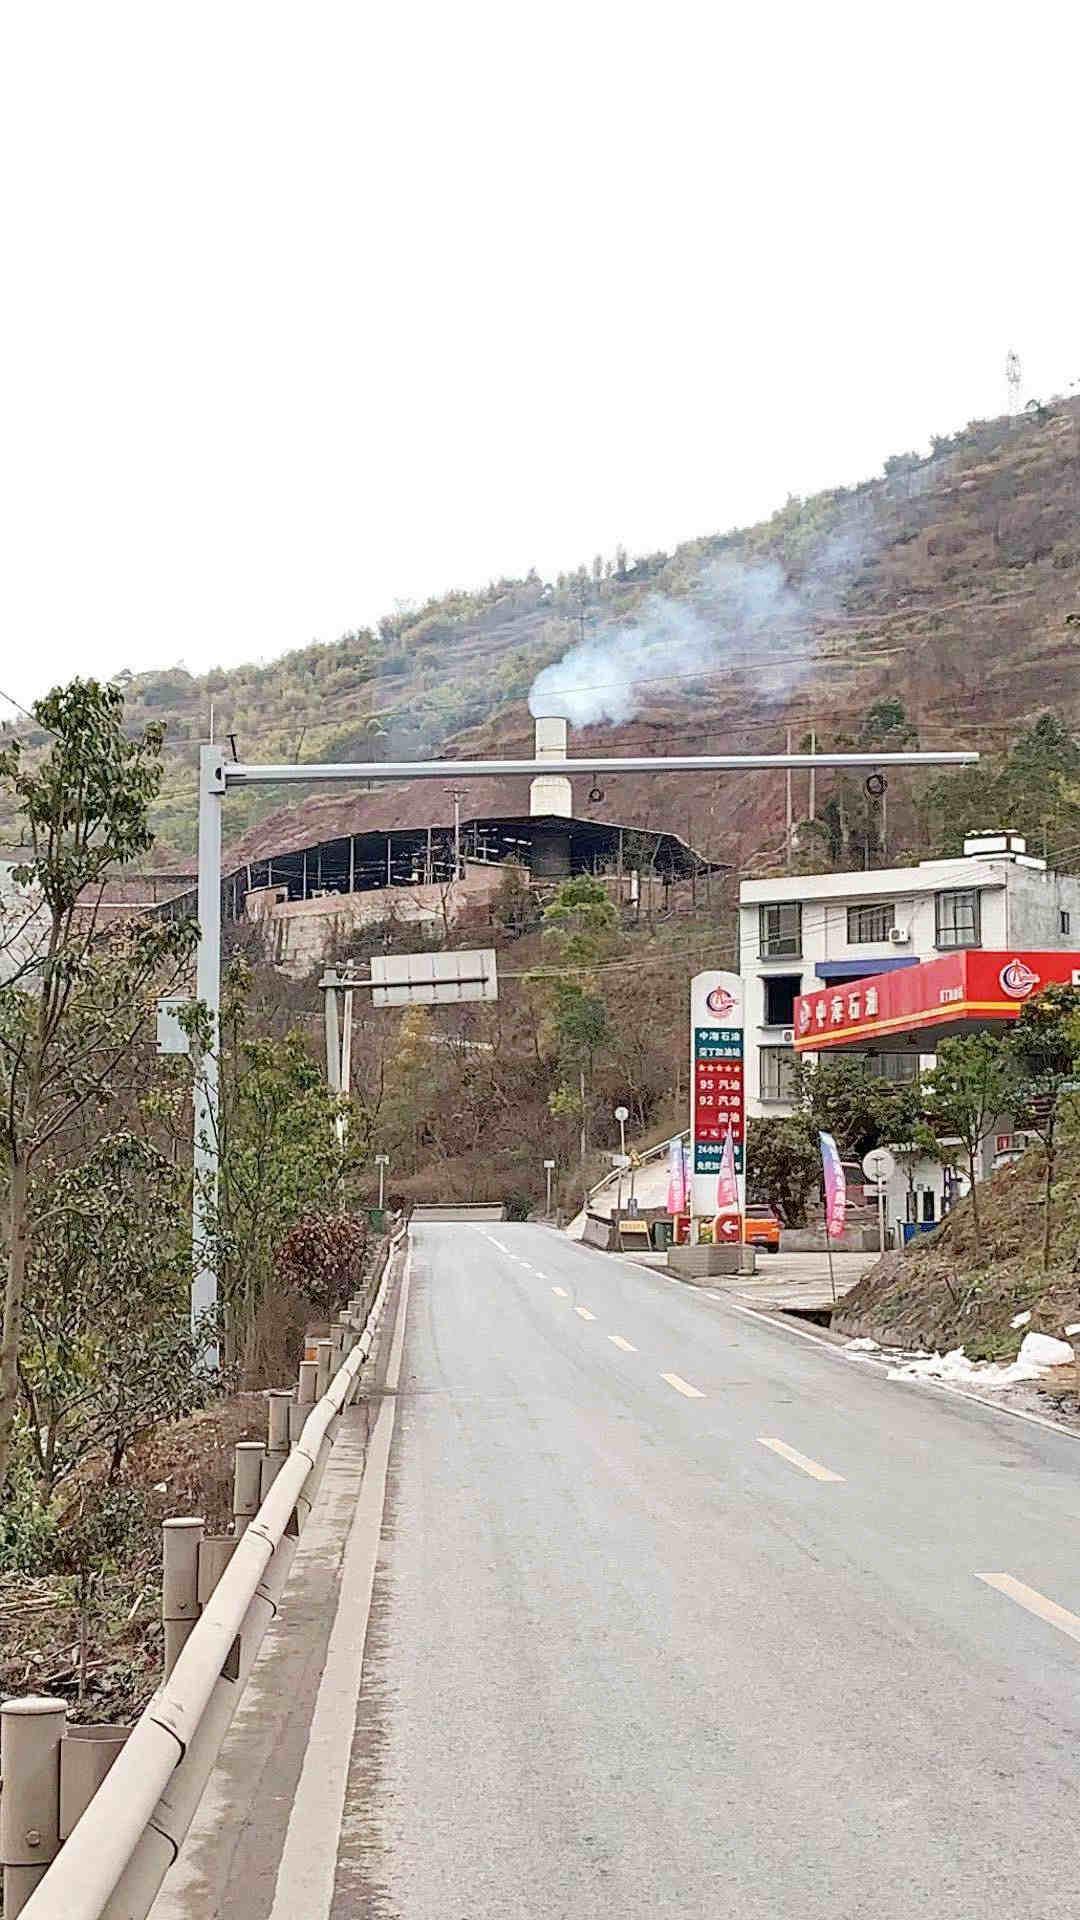 拉萨市堆龙德庆县6.5米、7米悬臂杆规模化生产100年不生锈的立杆在这里